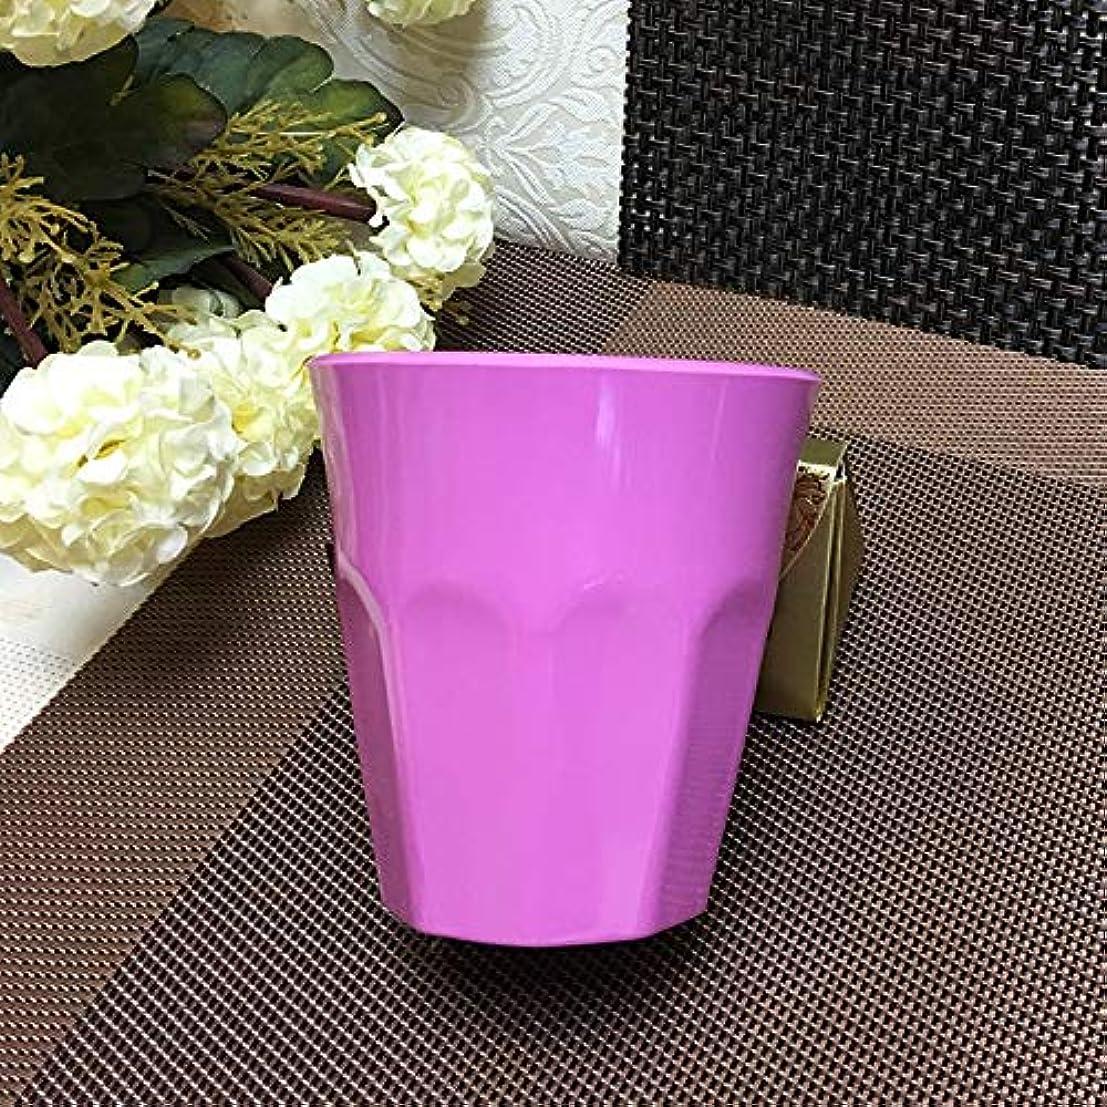 消費者縞模様の遊びますMaxcrestas - パーティーキッズカップティーカップワインジュースフルーツドリンクカップMaxcrestas - 1個リユースプラスチック製コップA5メラミンカップタンブラー